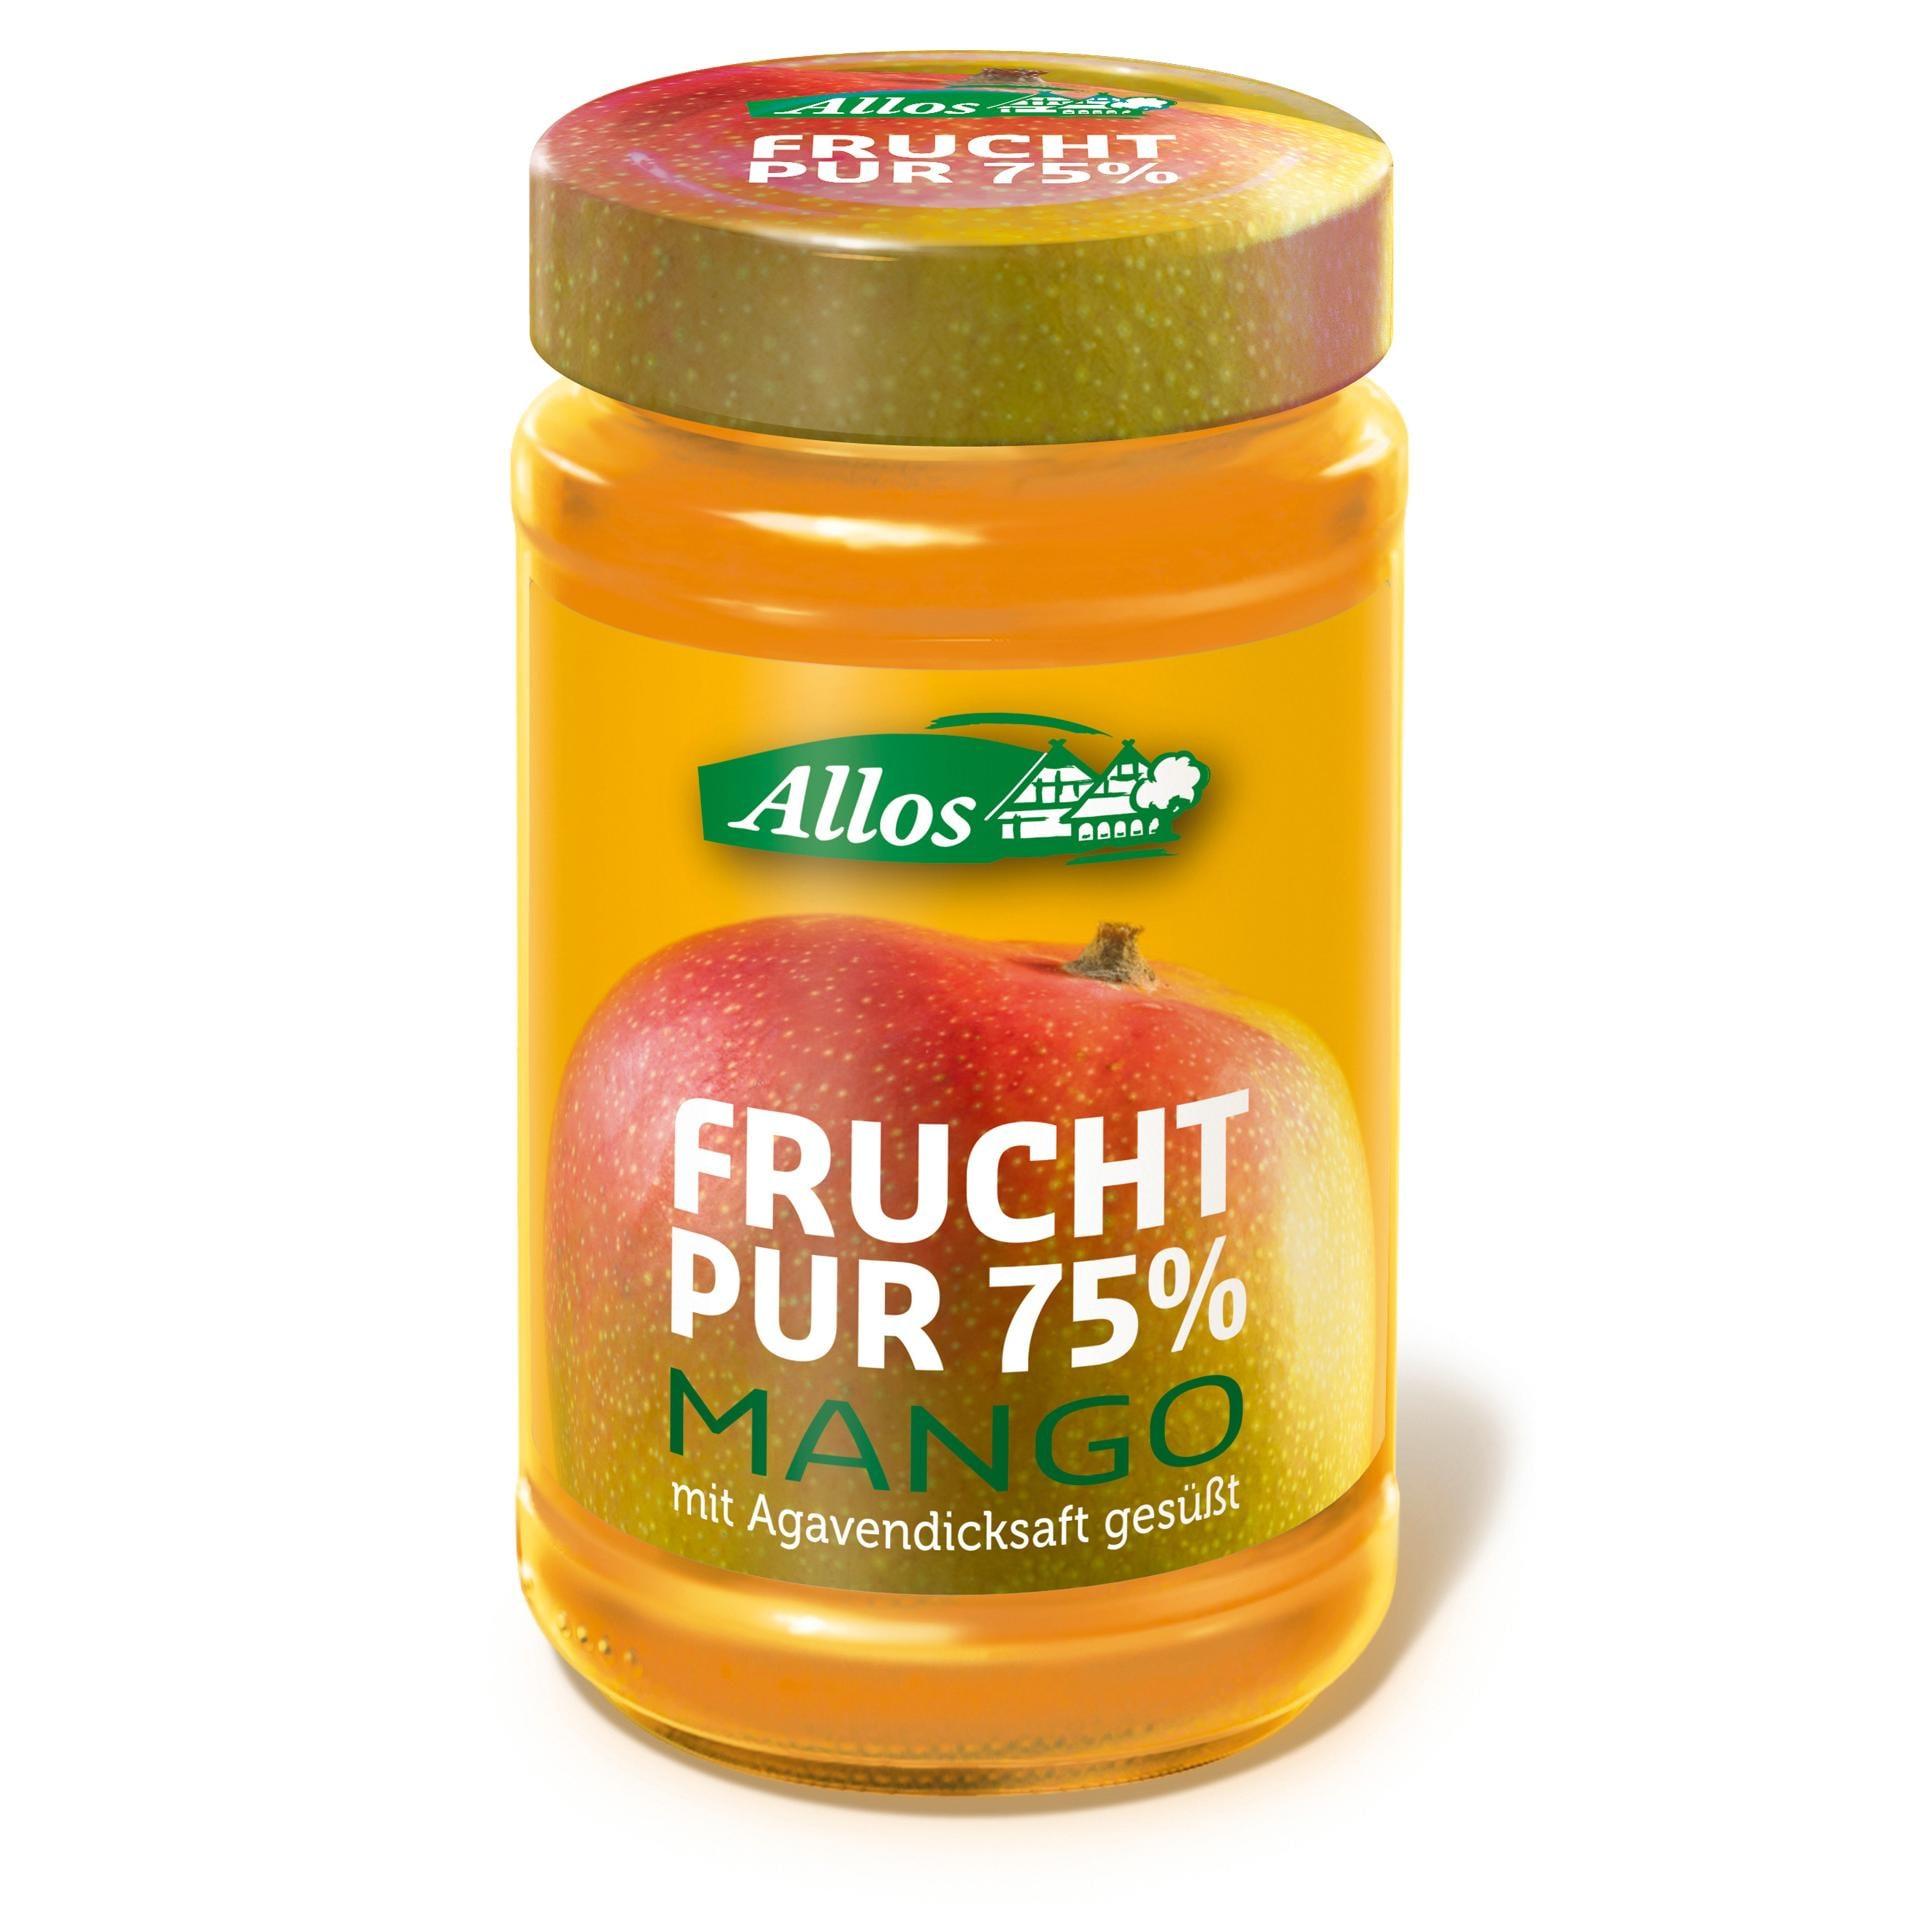 Allos Bio Frucht Pur 75% Mango Fruchtaufstrich 250g